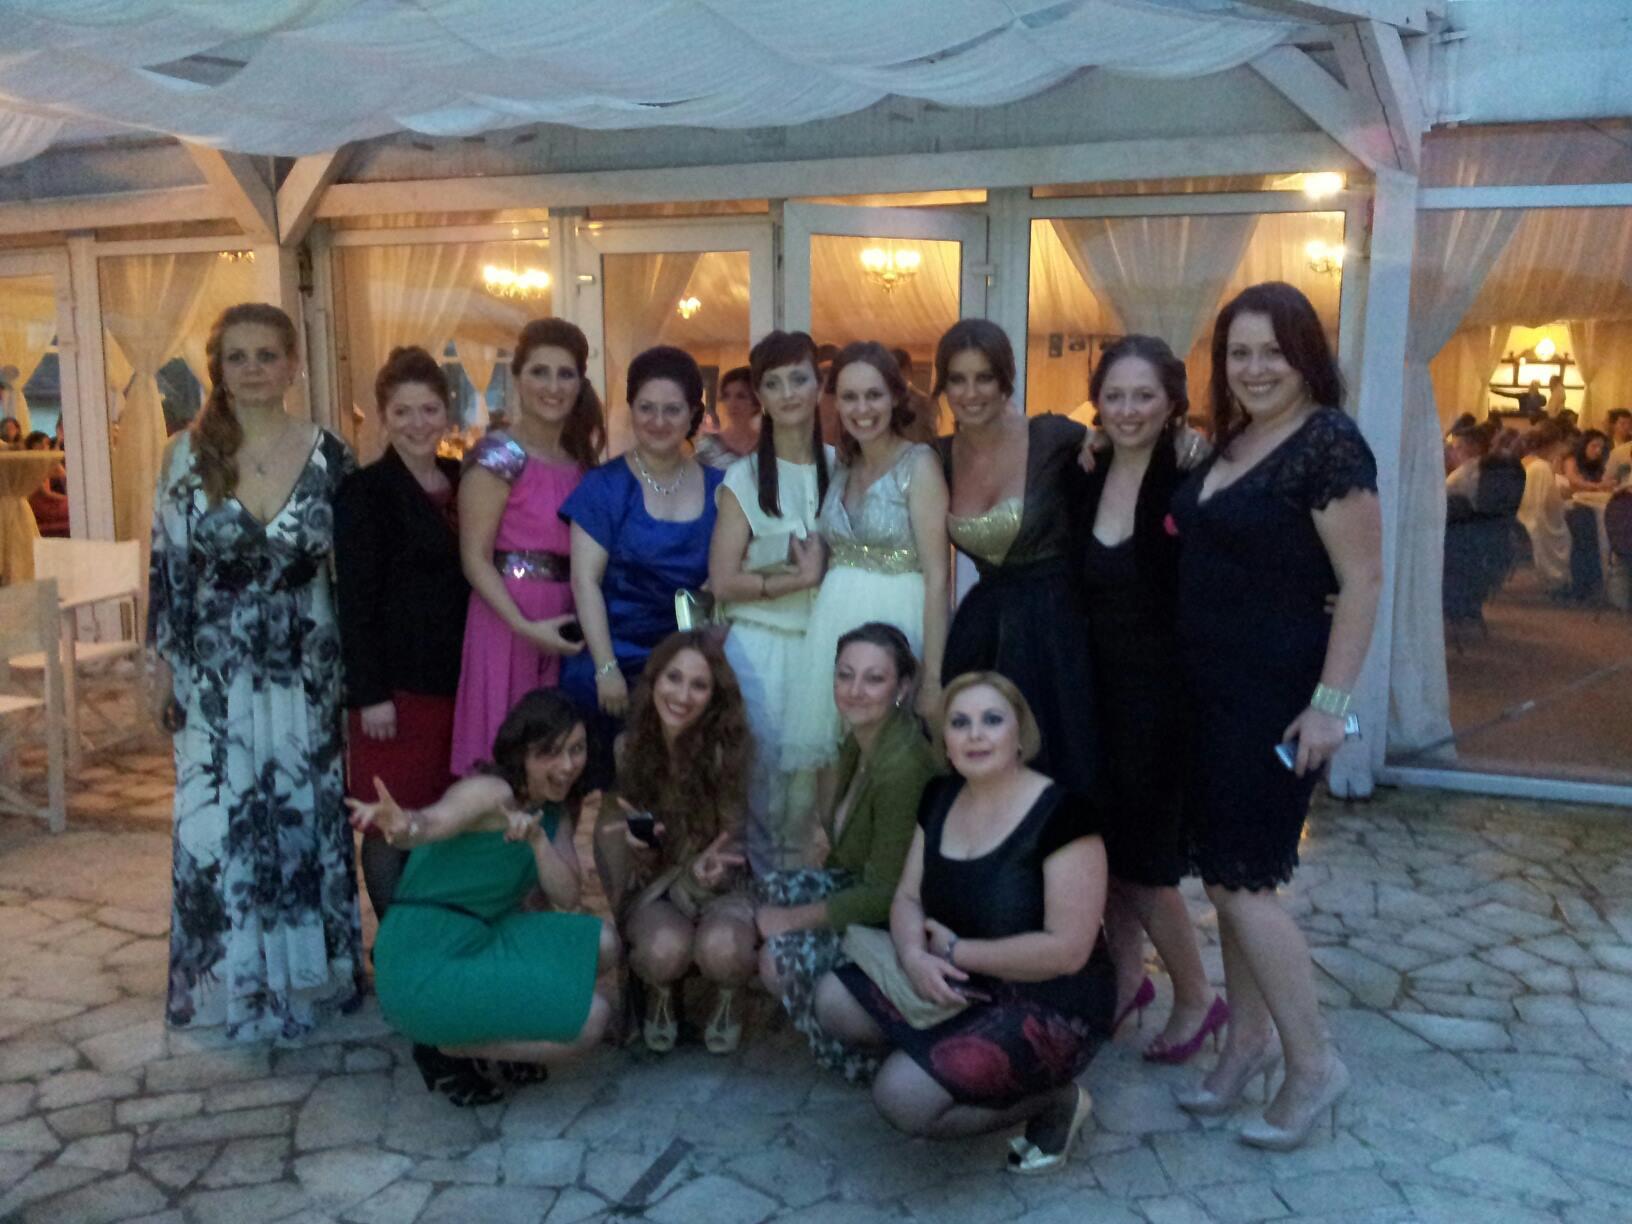 Vedeta a mers pana la Oradea pentru a-si revedea fostii colegi